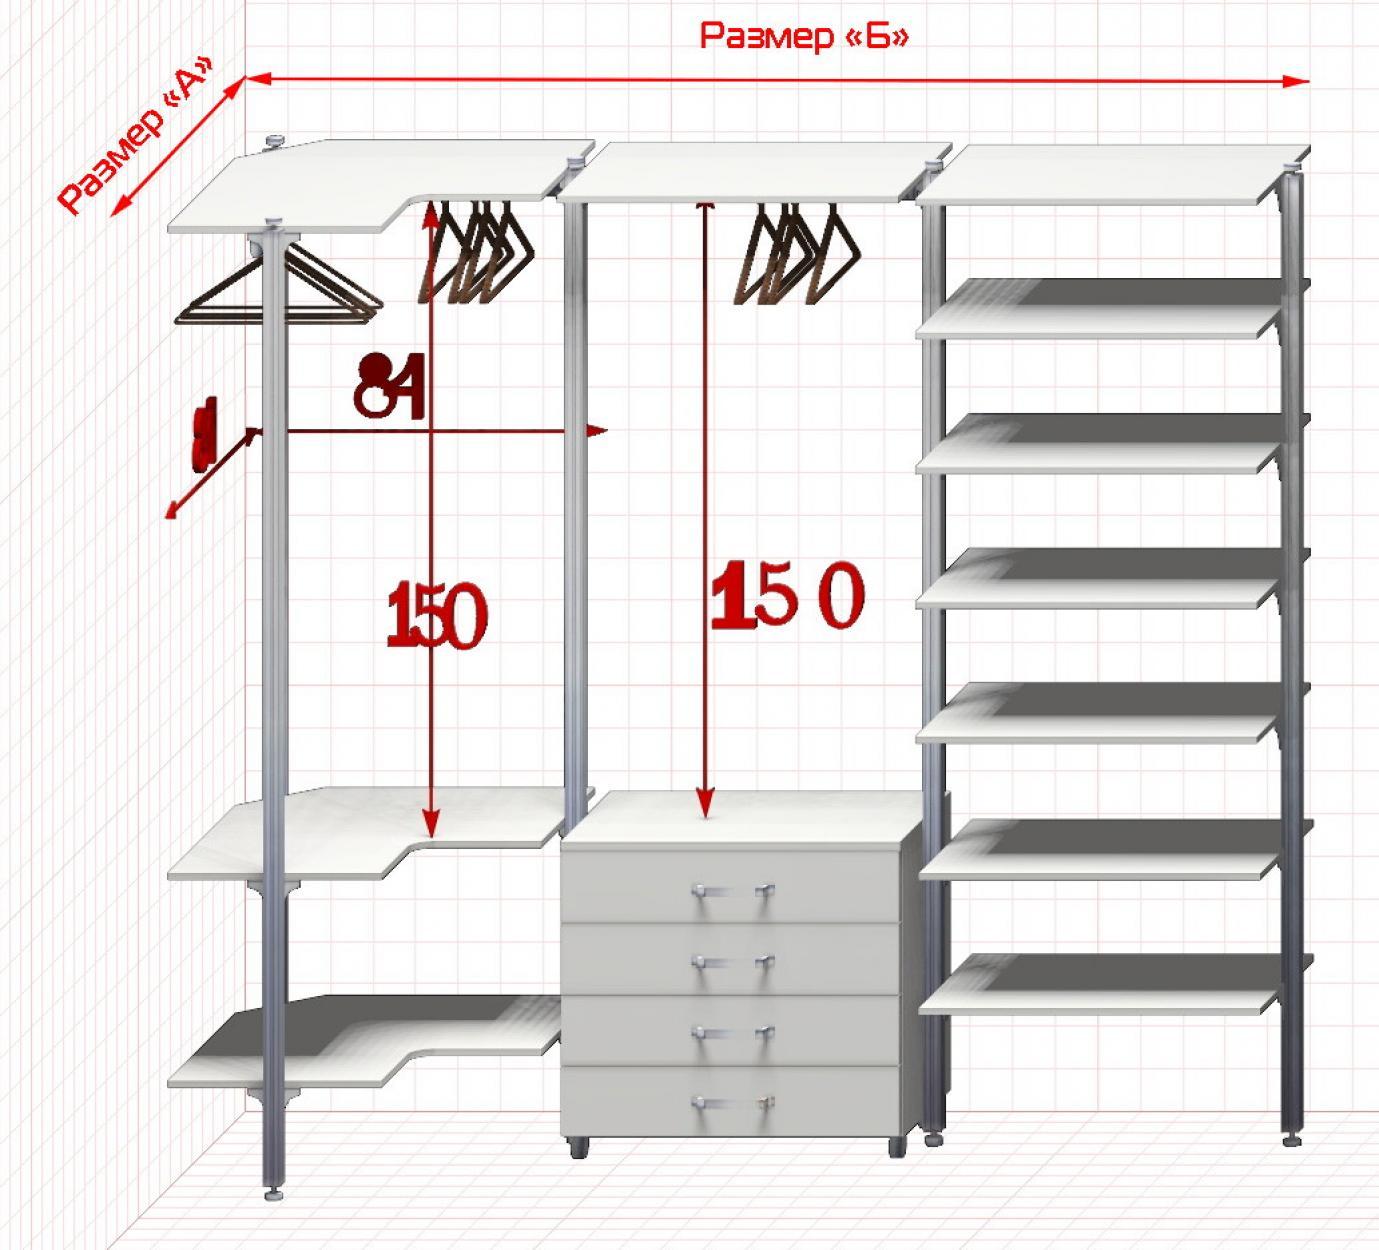 Угловая Гардеробная №6 Открытая гардеробная система